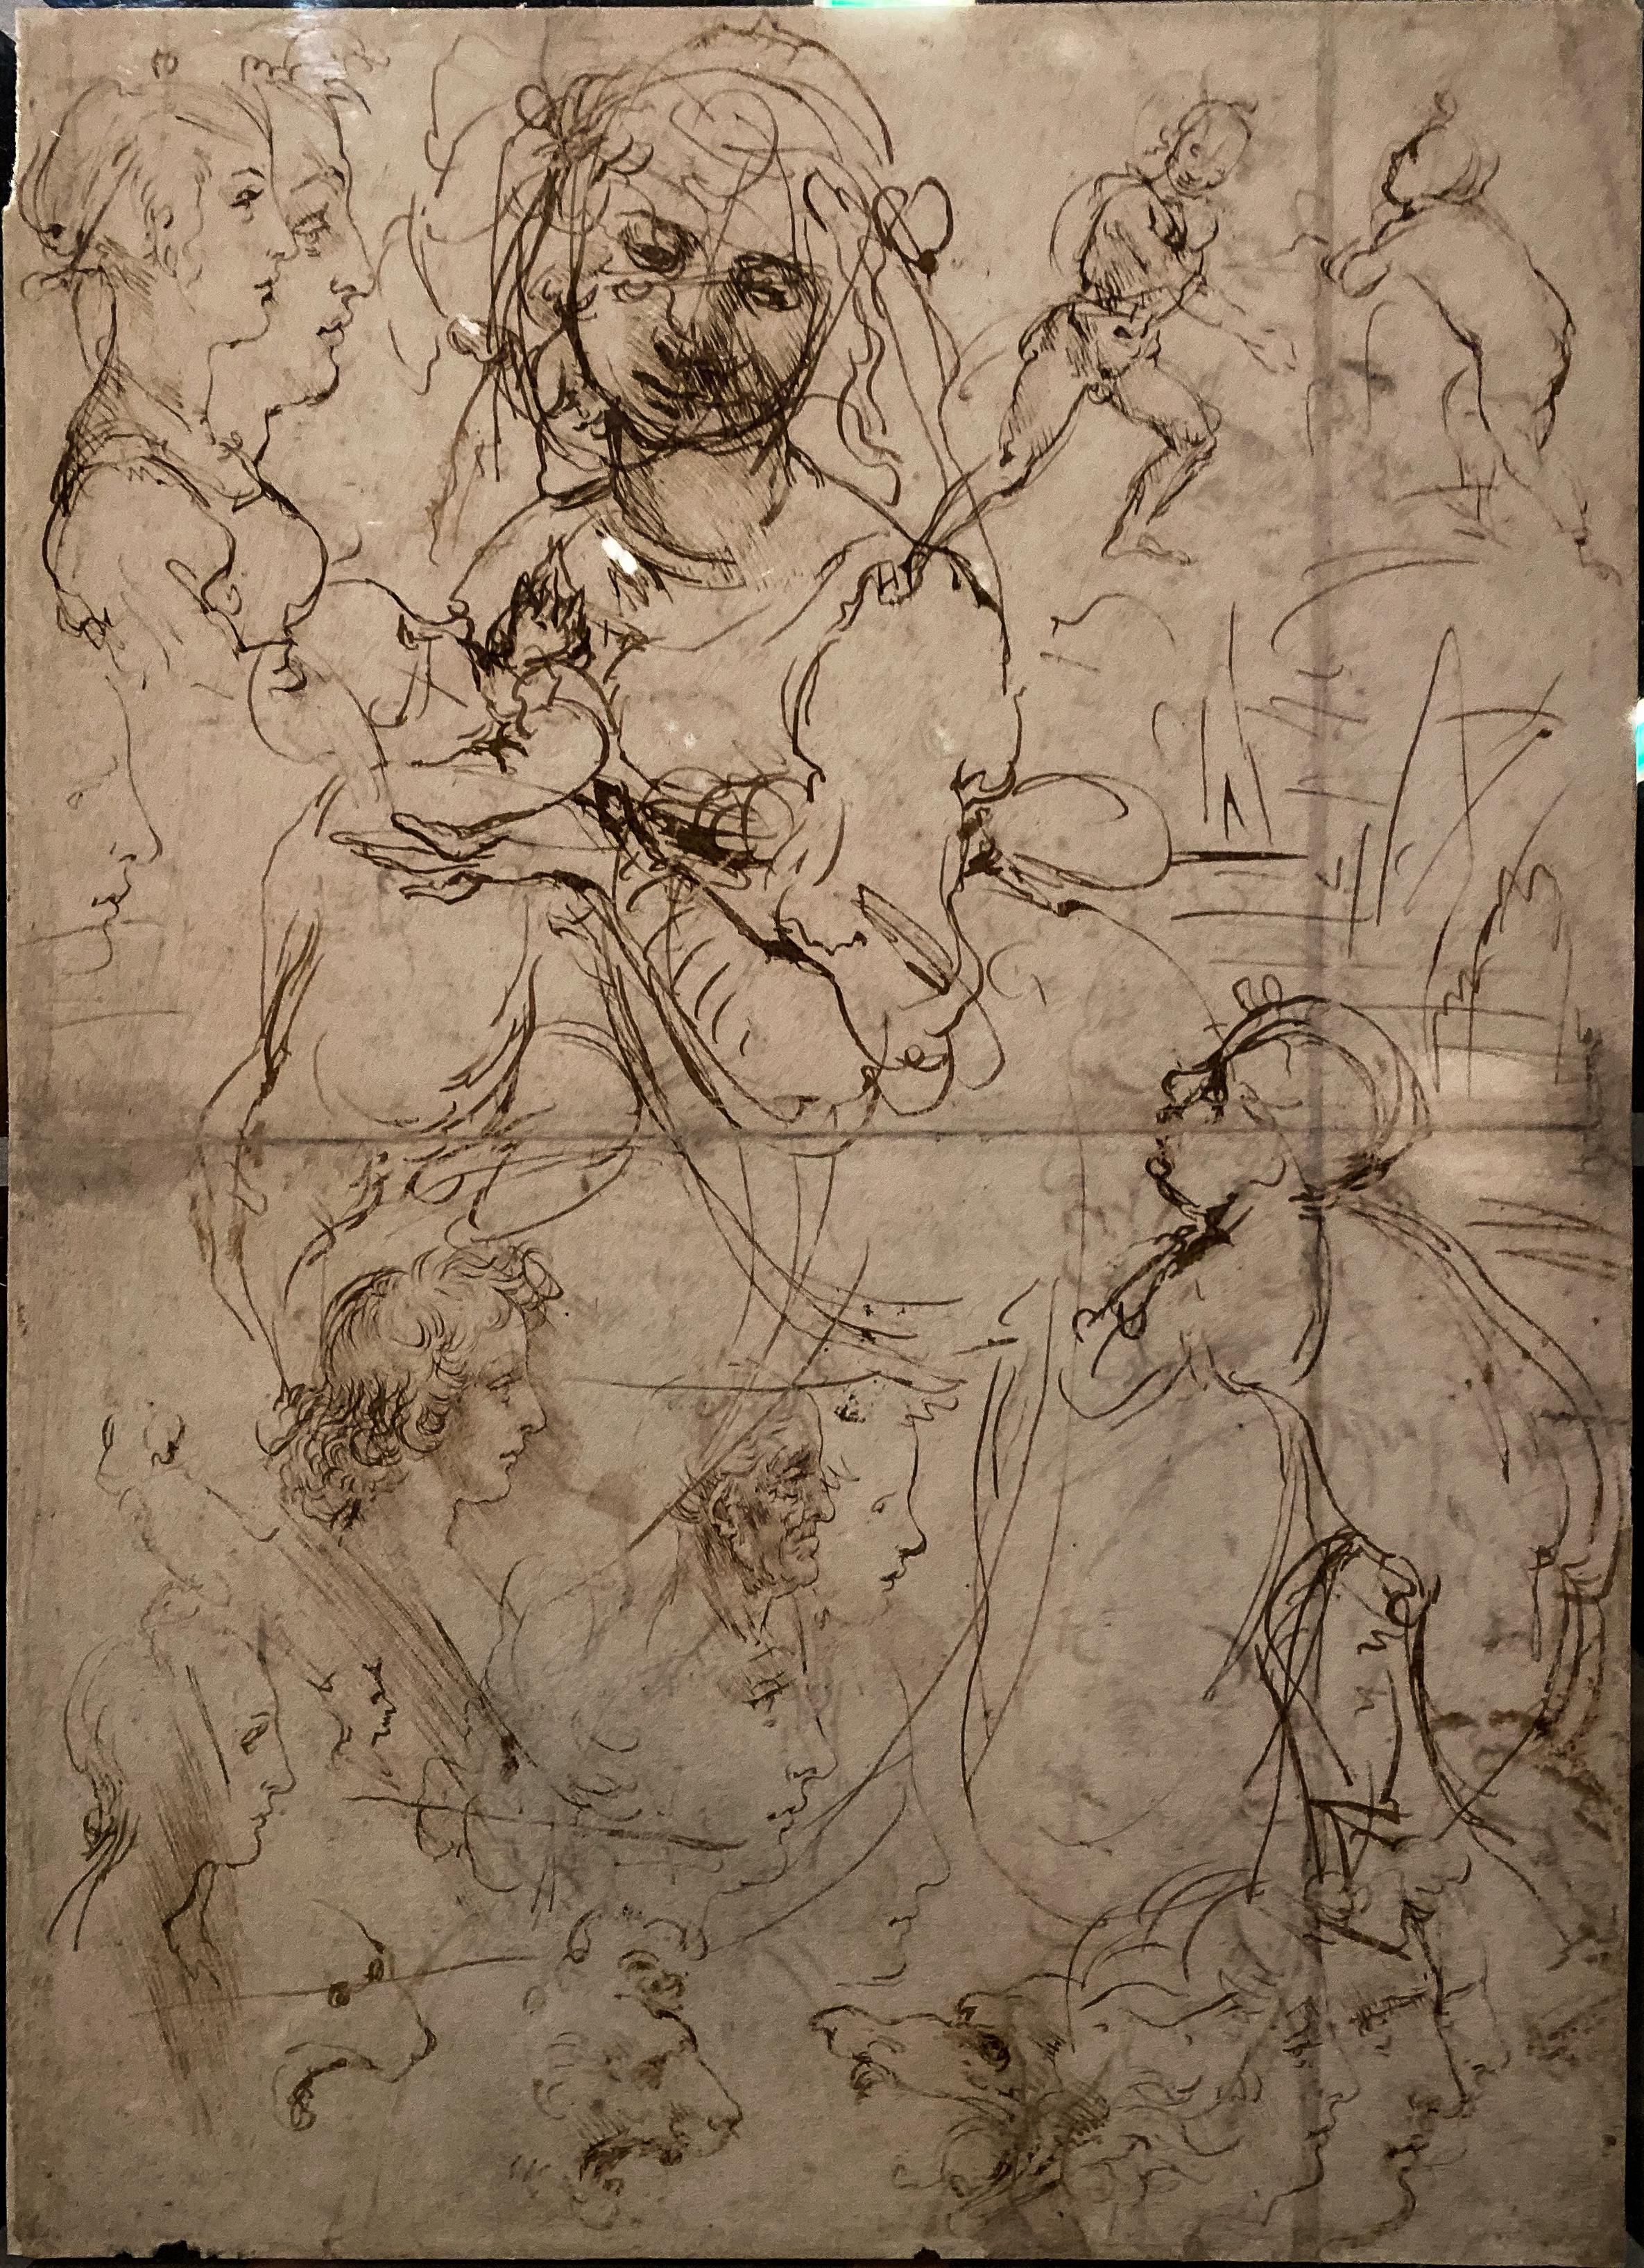 Leonardo da Vinci – Jahrhundertausstellung im Louvre Studienblatt Windsor